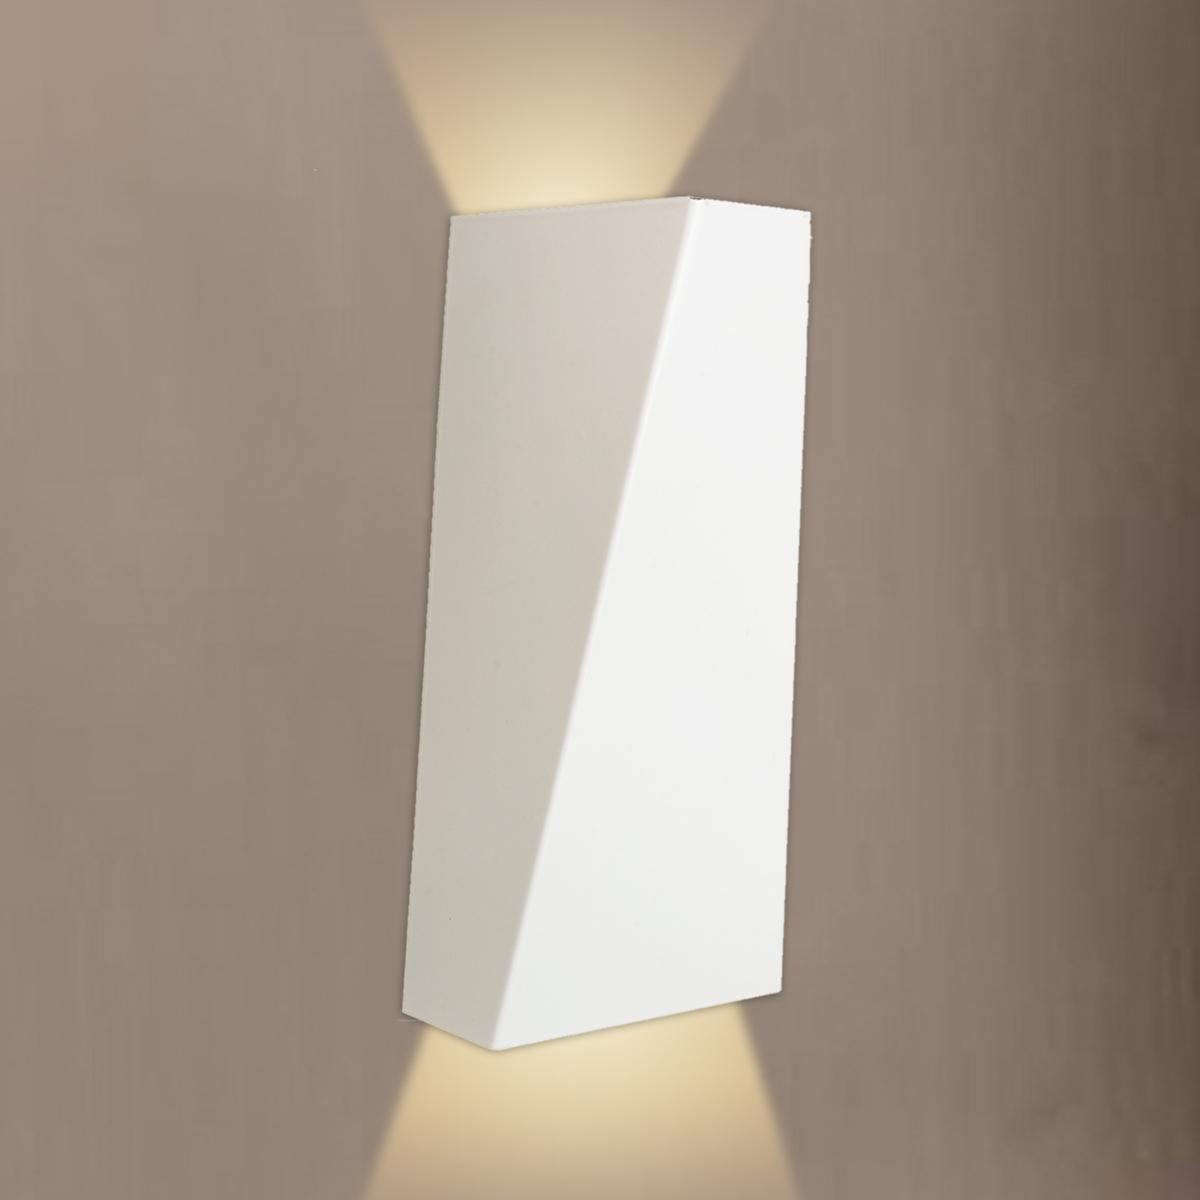 U applique lampe murale led luminaire d cor int rieur for Luminaire applique murale